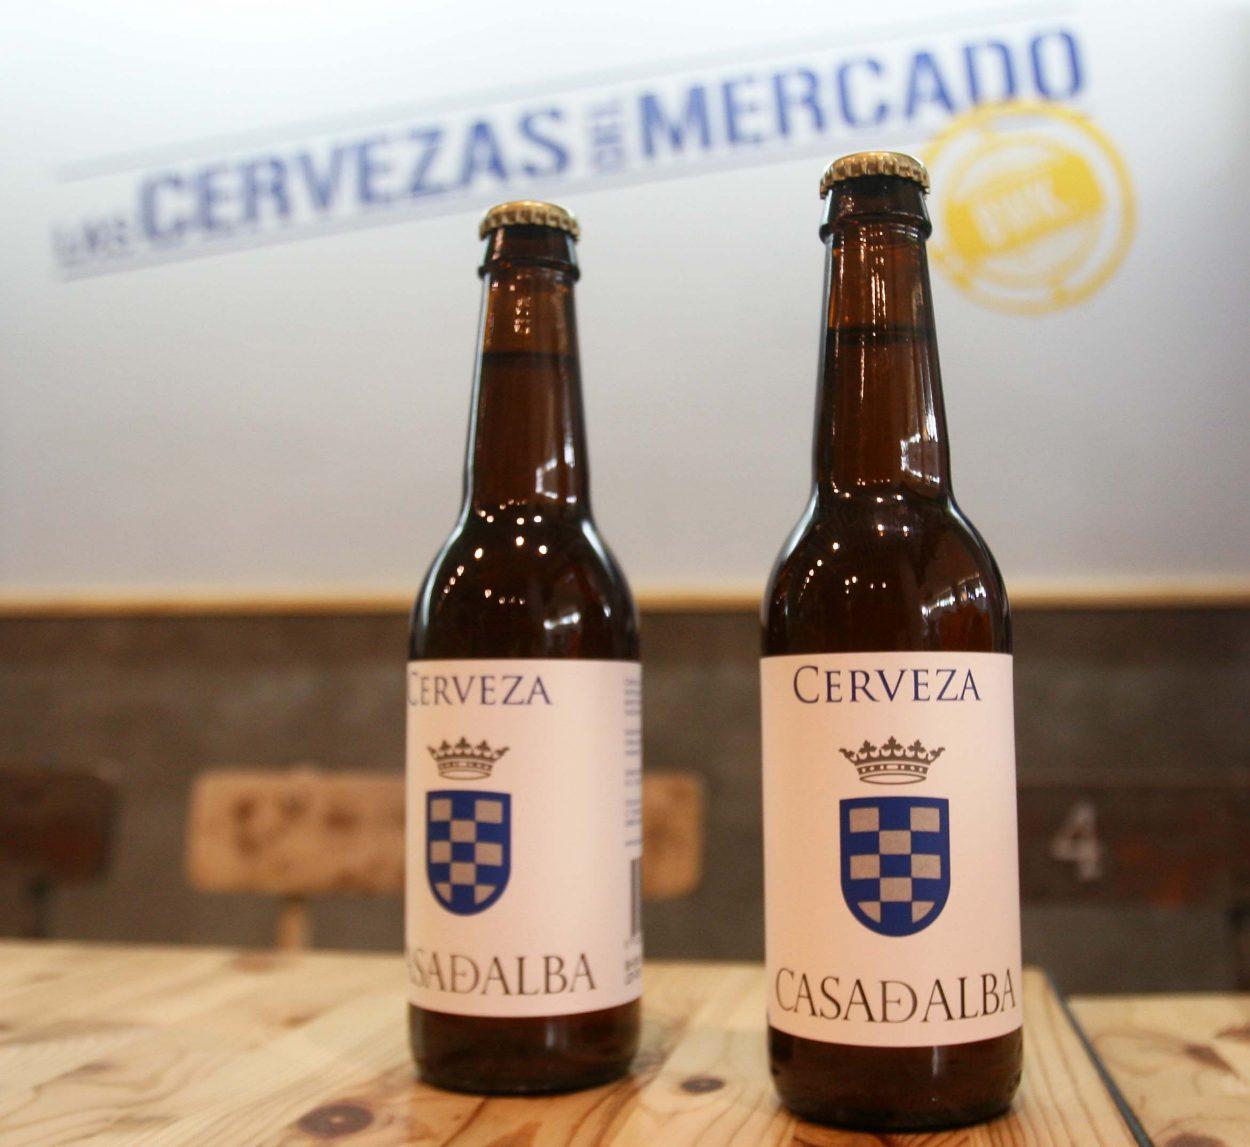 Cervezas del Mercado acogió la presentación de la cerveza artesanal creada por Casa de Alba